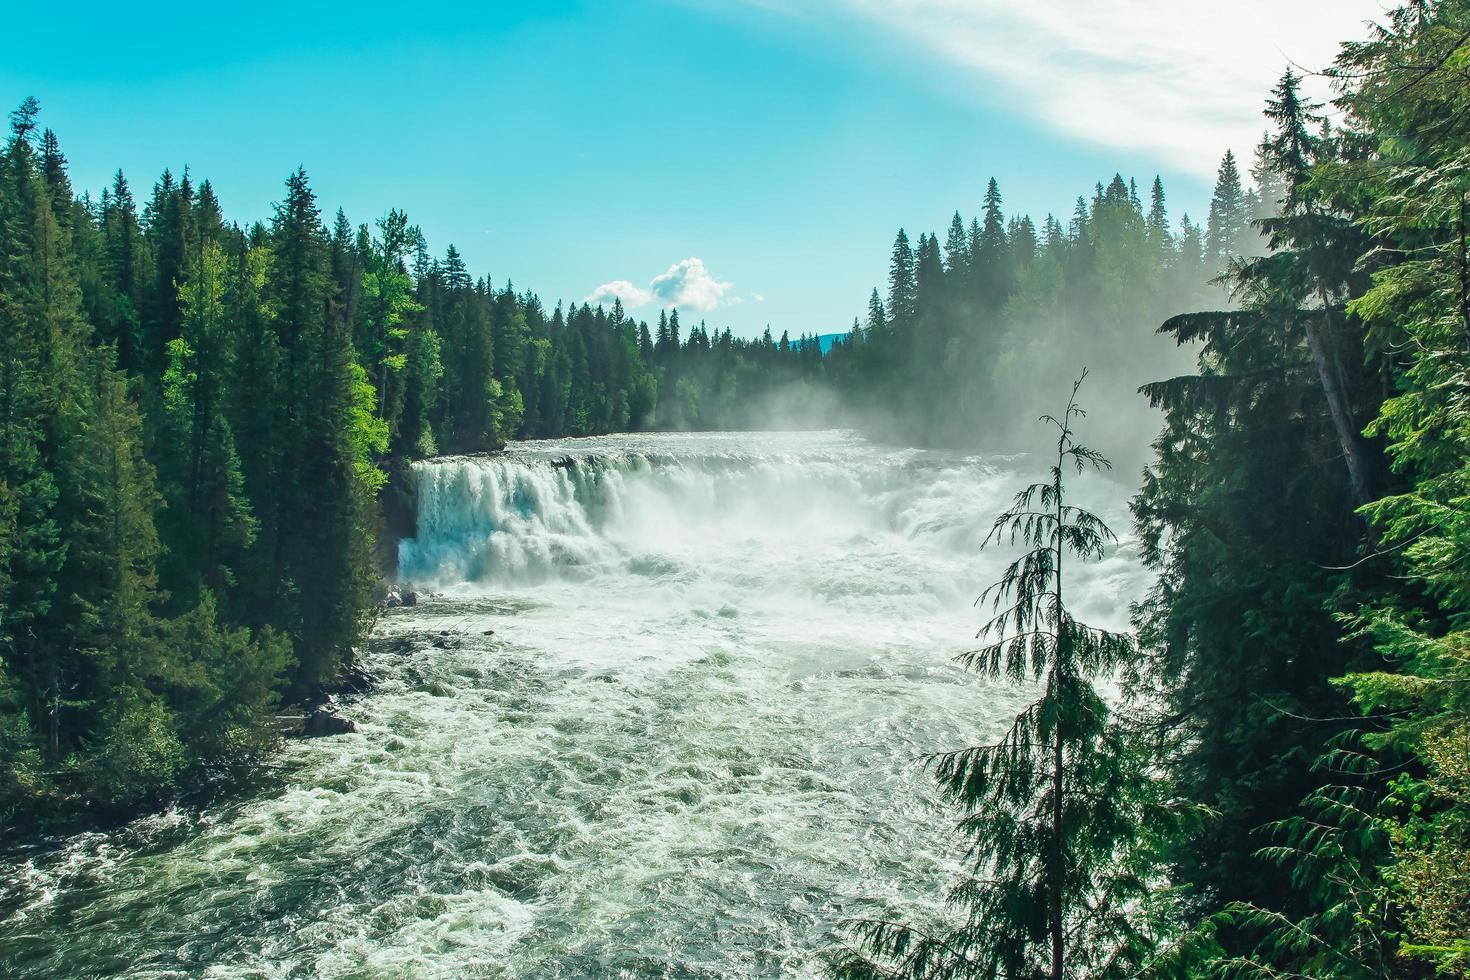 grüne Kiefern in der Nähe eines Wasserfalls foto